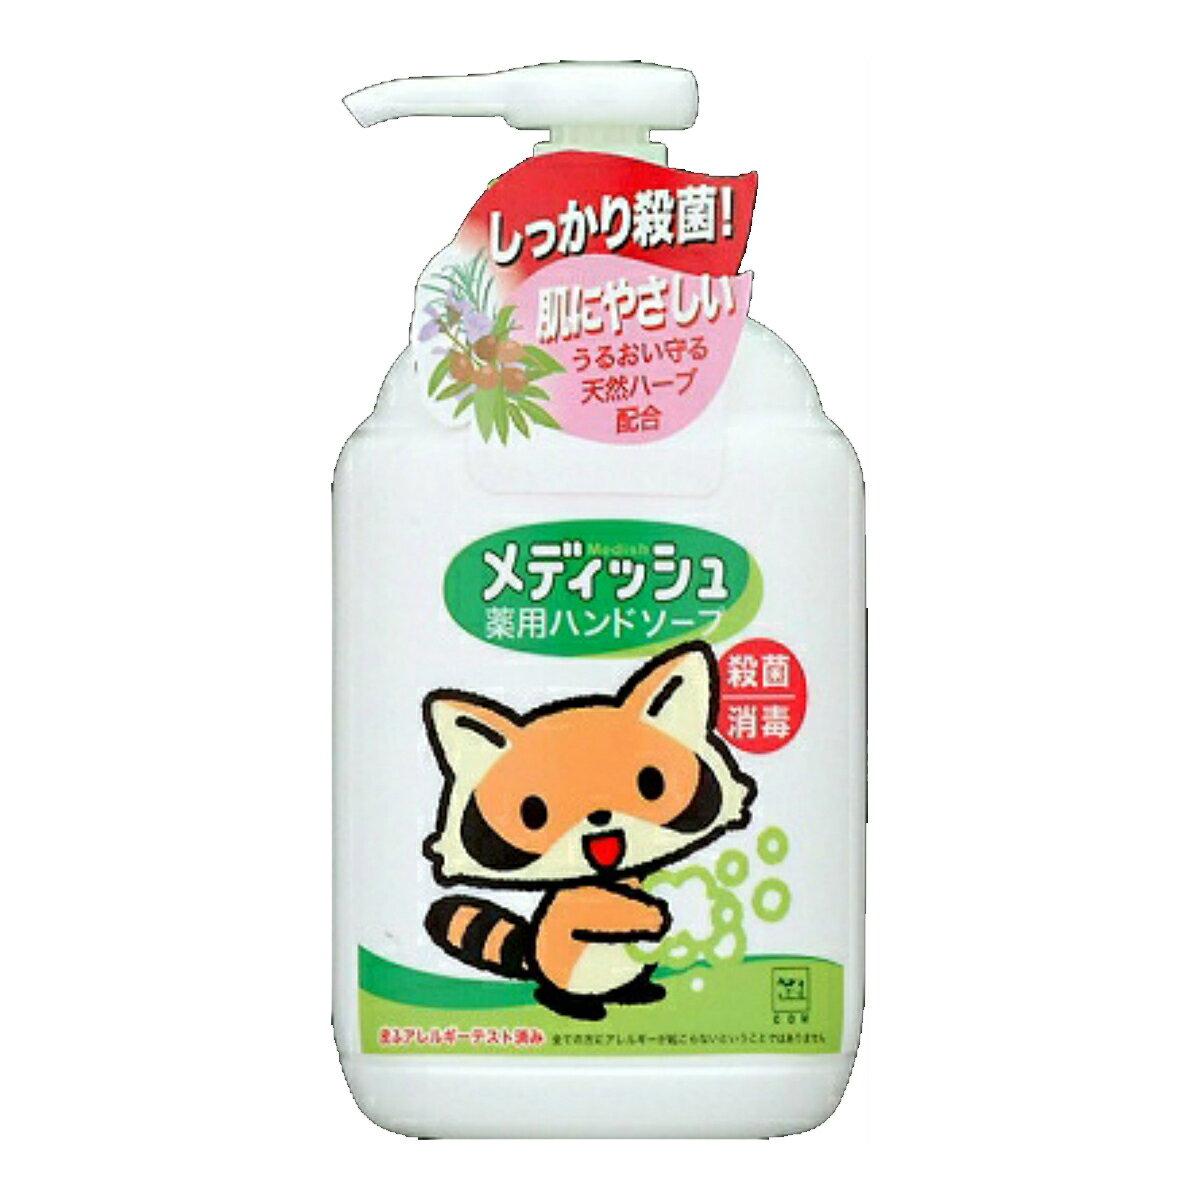 牛乳石鹸共進社 メディッシュ薬用ハンドソープ ポンプ250ml ( 4901525955706 )